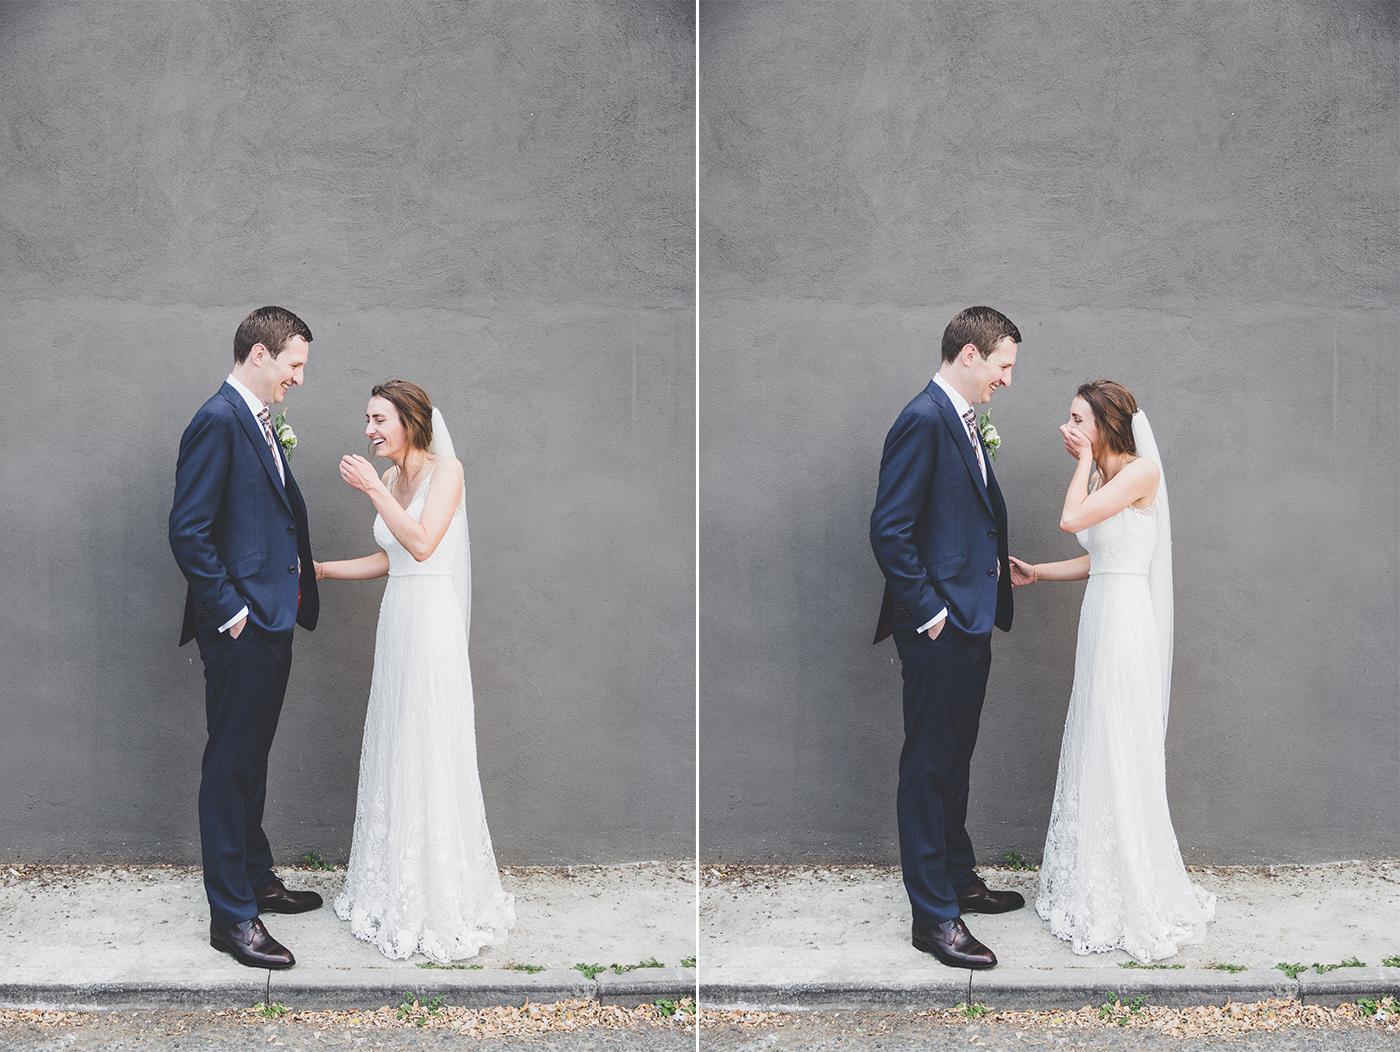 london-wedding-photographer-67.jpg